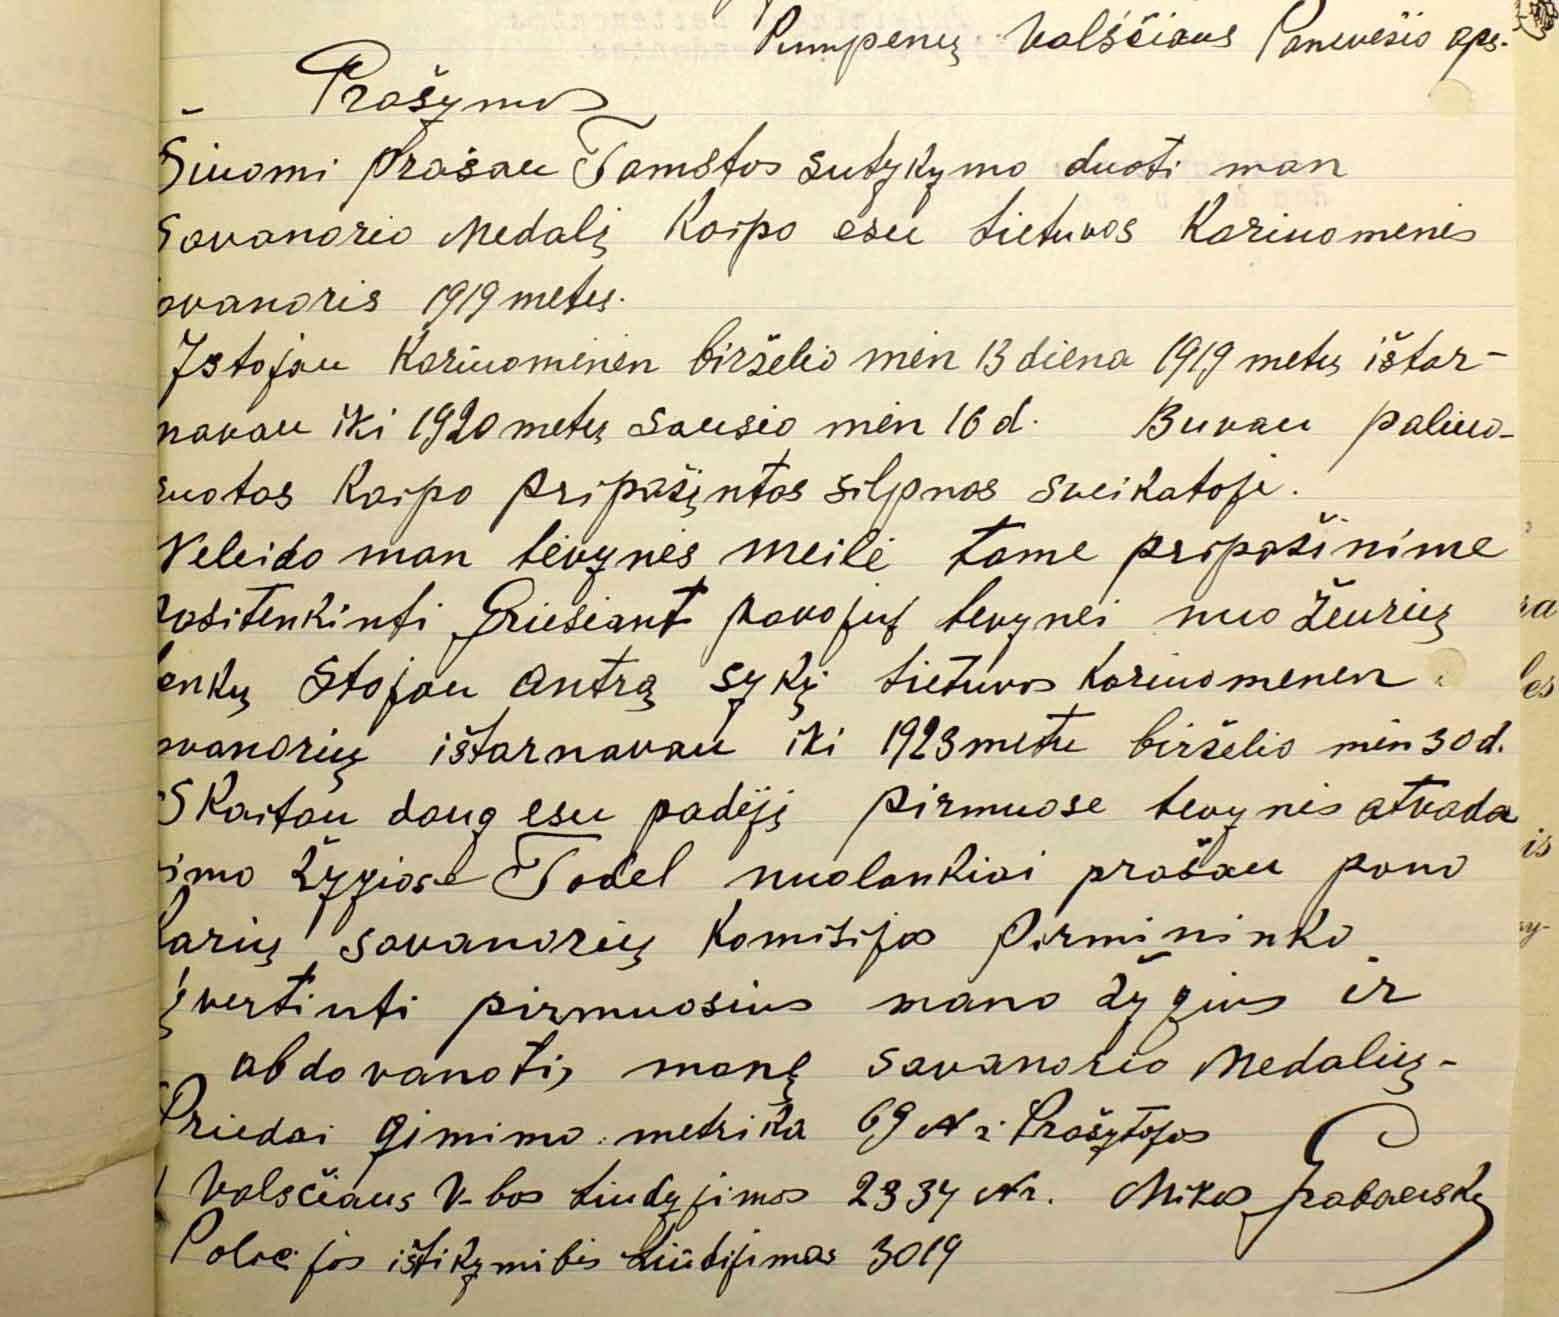 1929 m. rugpjūčio 19 d. Savanorių komisijai adresuotas Lietuvos kariuomenės savanorio Mikalojaus (Miko) Grabausko, Nepriklausomybės kovoms pasibaigus apsigyvenusio Moliūnų k., Pumpėnų vls., prašymas pripažinti jį kūrėju savanoriu. Saugomas Lietuvos centriniame valstybės archyve, f. 930, ap. 4, b. 1194, l. 72.